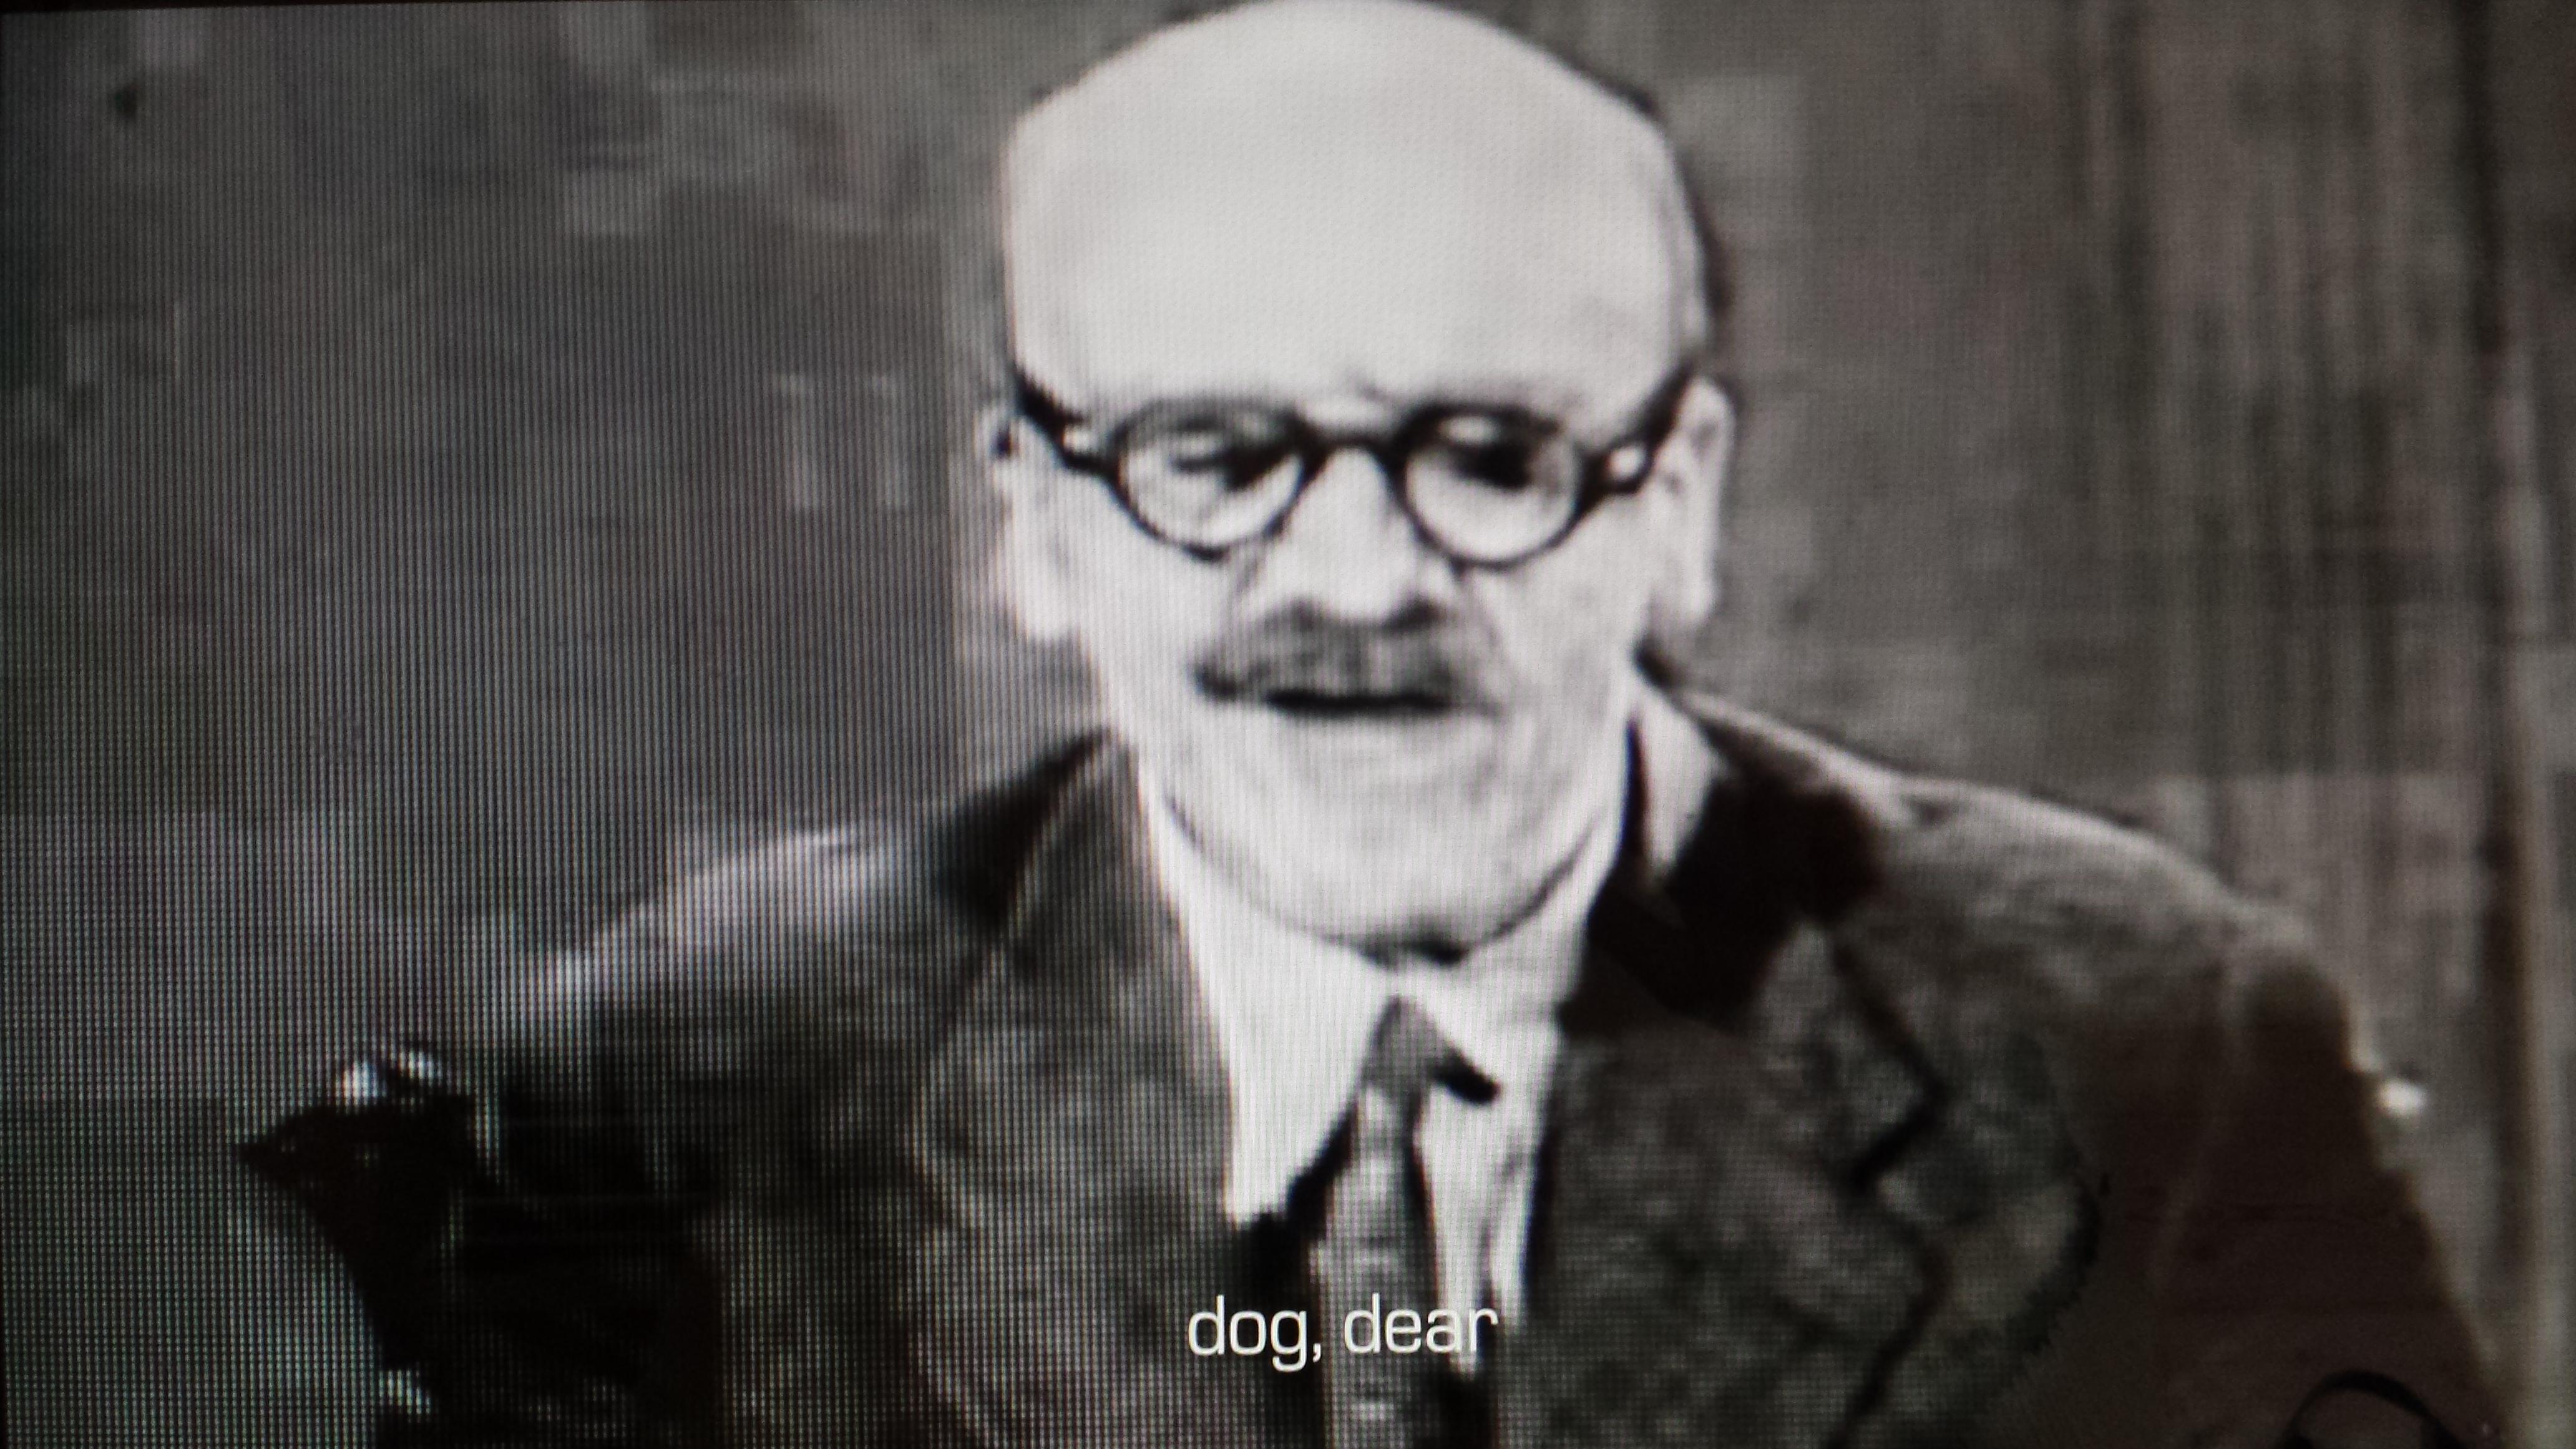 dog dear 2